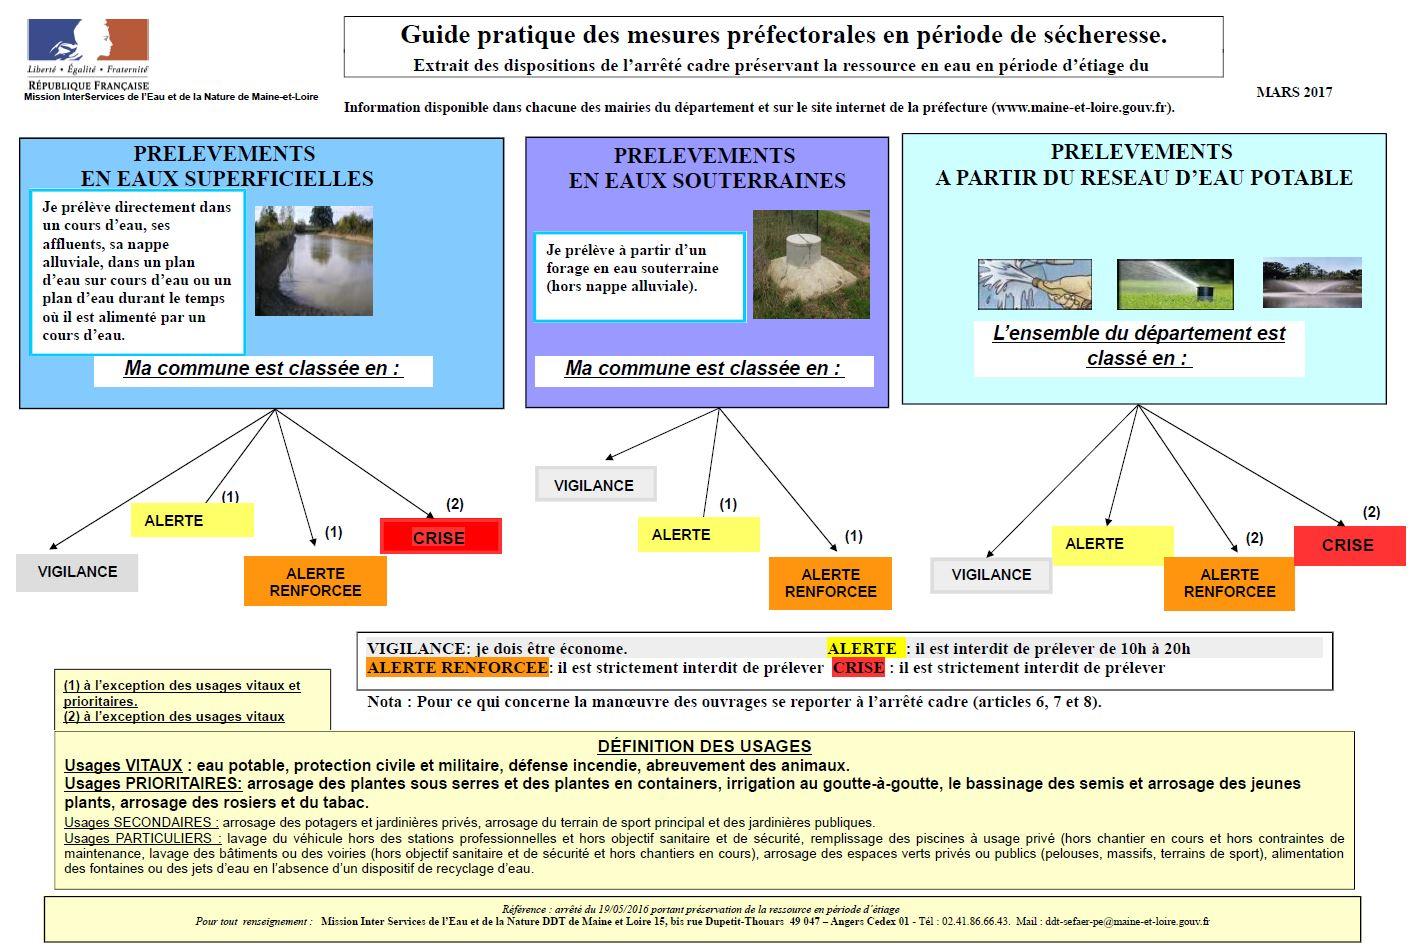 guide pratique des mesures prefectorales en période de secheresse